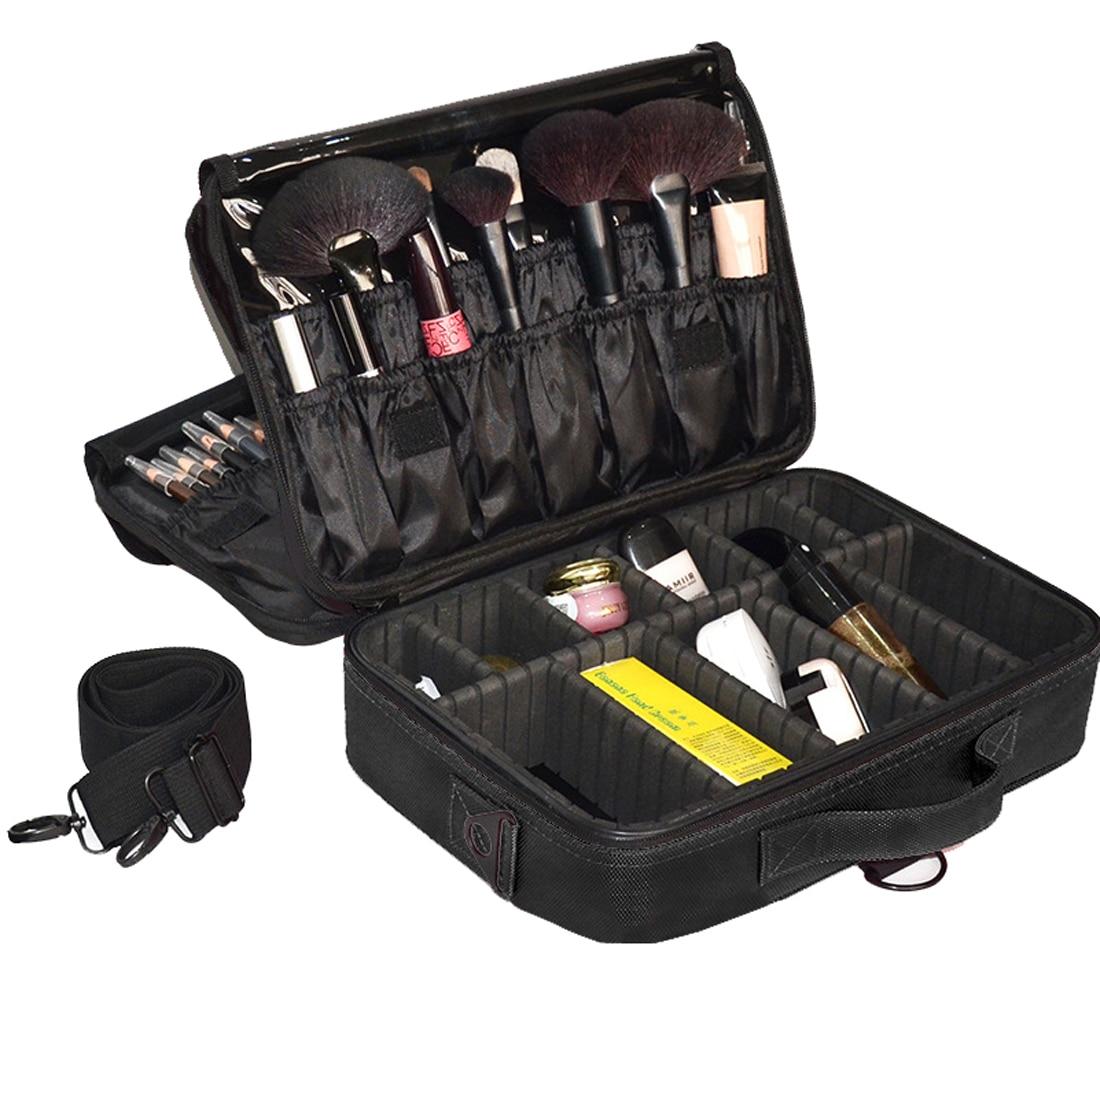 Makeup Bag Organizer Professional Makeup Artist Box Larger Bags Cute Korea Suitcase Makeup Suitcase Makeup Brushes Tools Case nyx professional makeup кейс визаж beginner makeup artist train case beginner